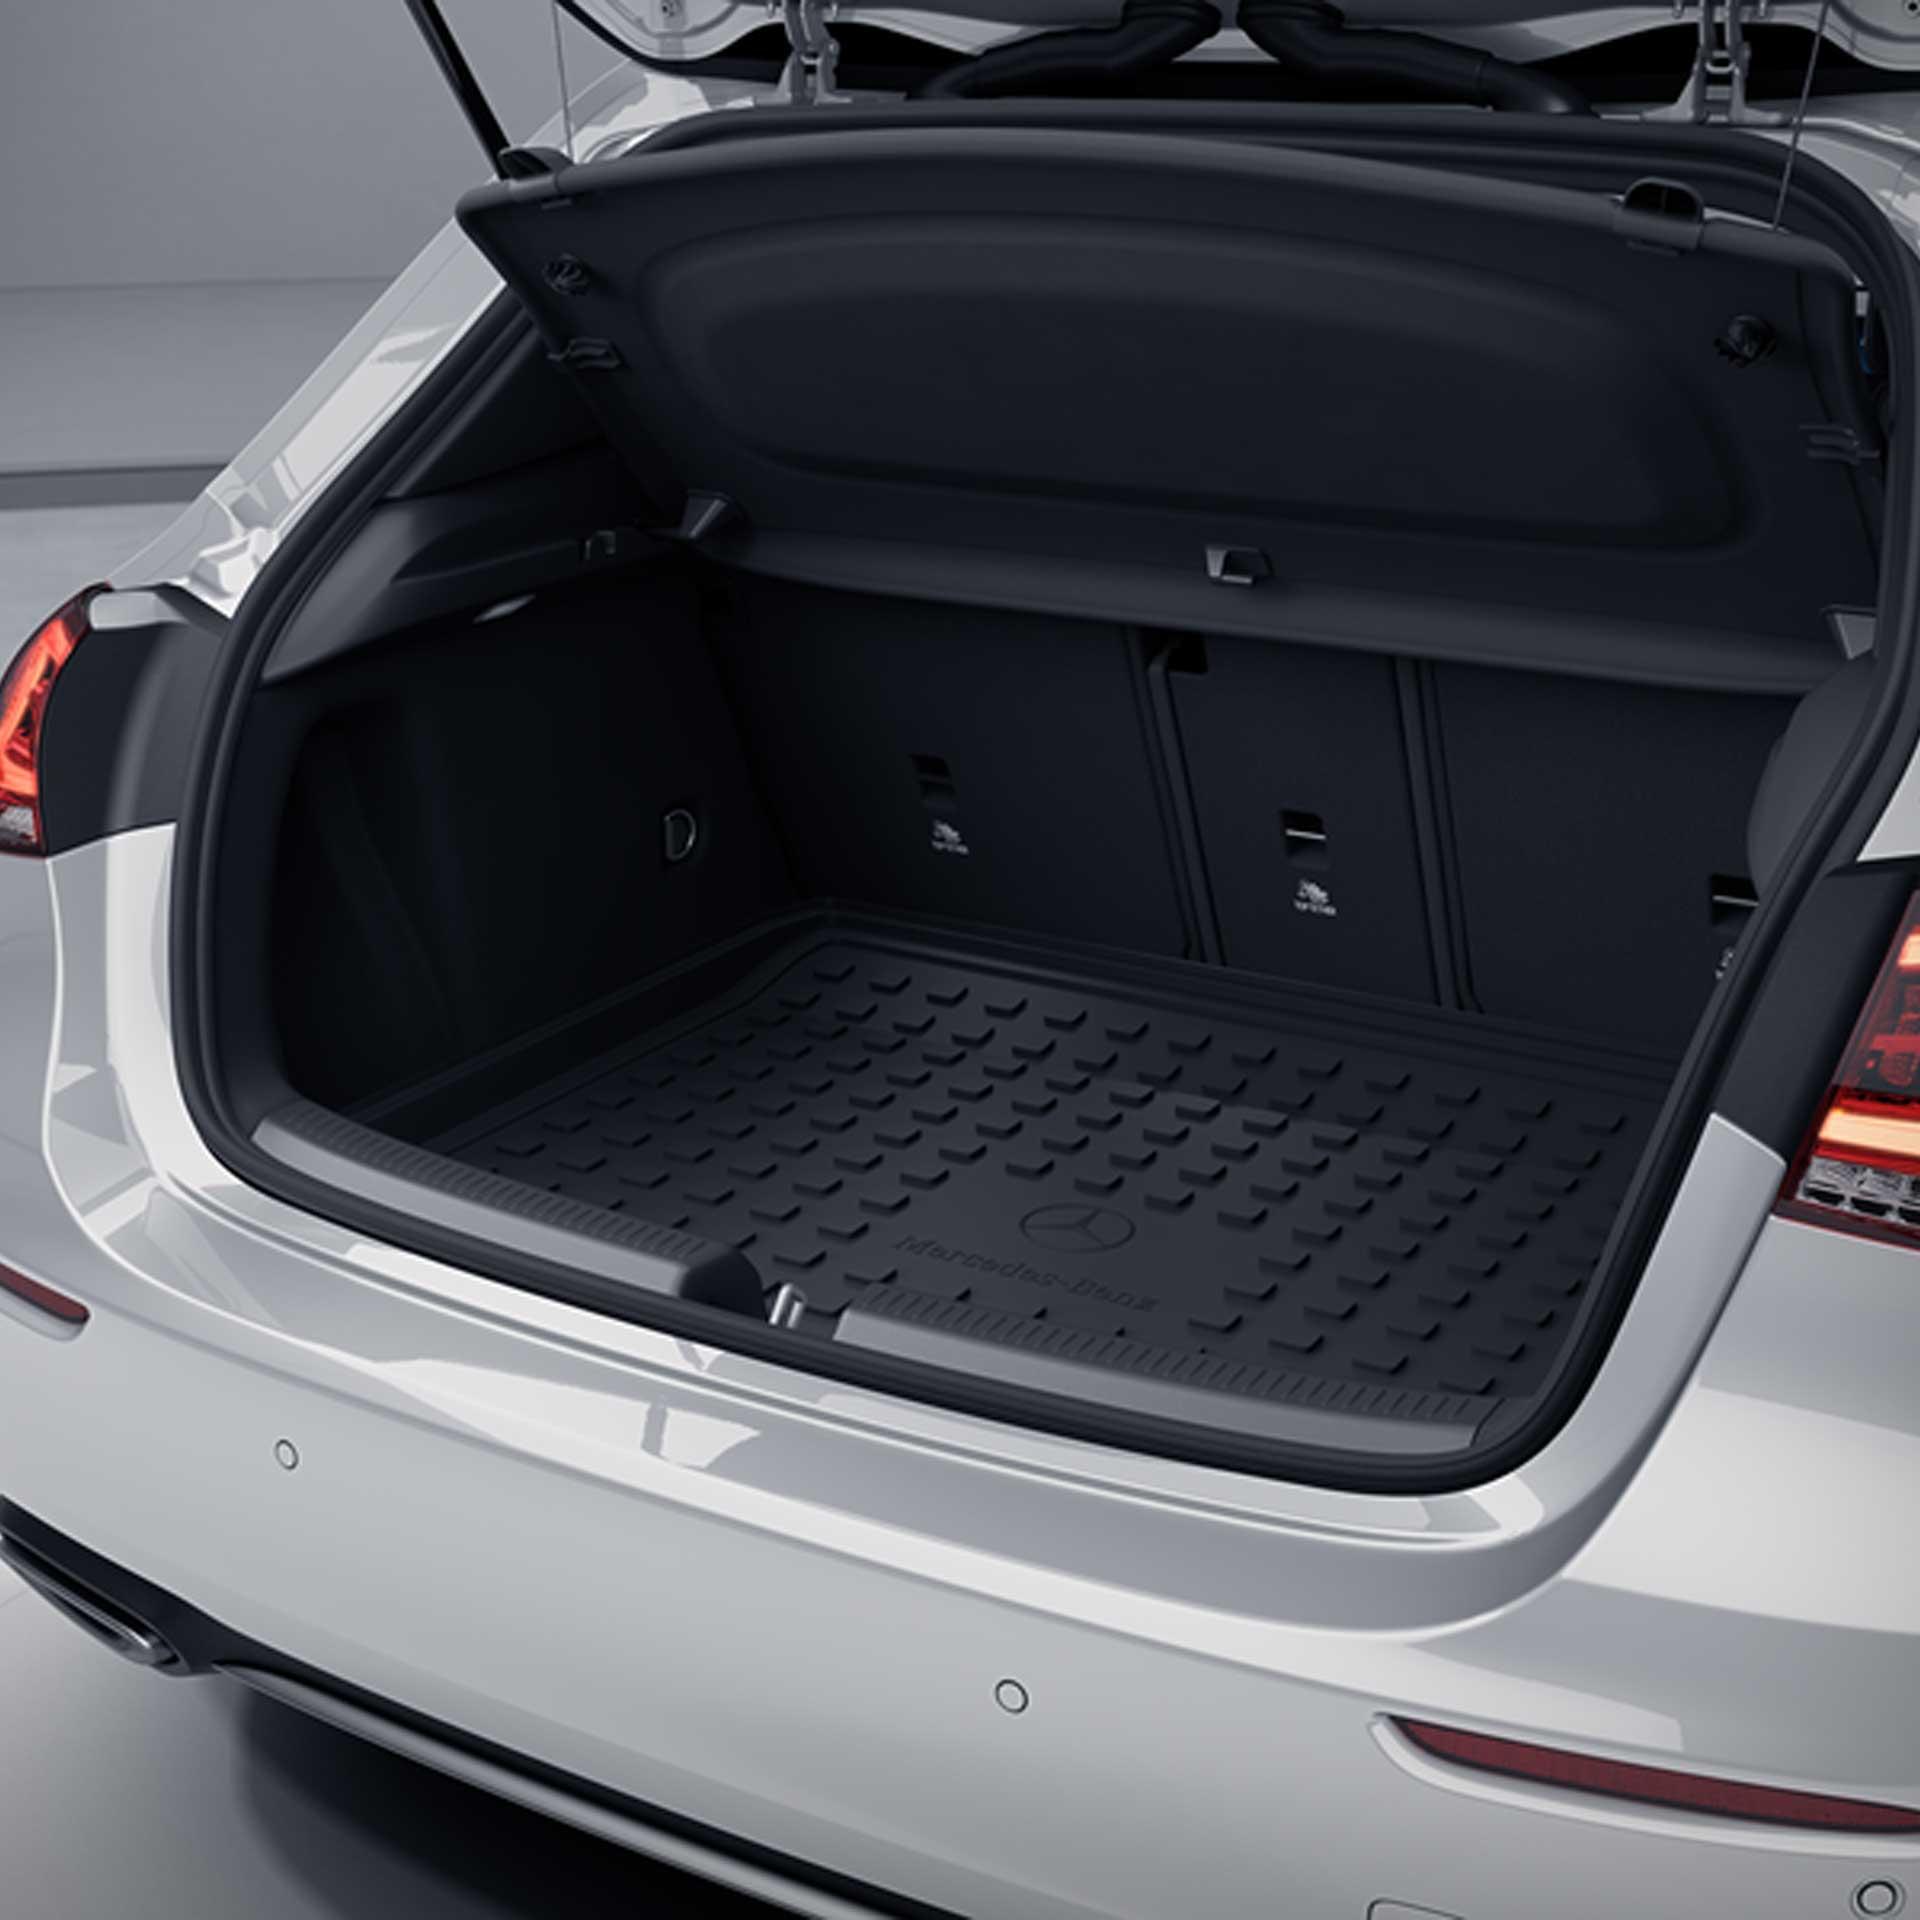 Mercedes-Benz Kofferraumwanne flach für A-Klasse Limousine (V177)